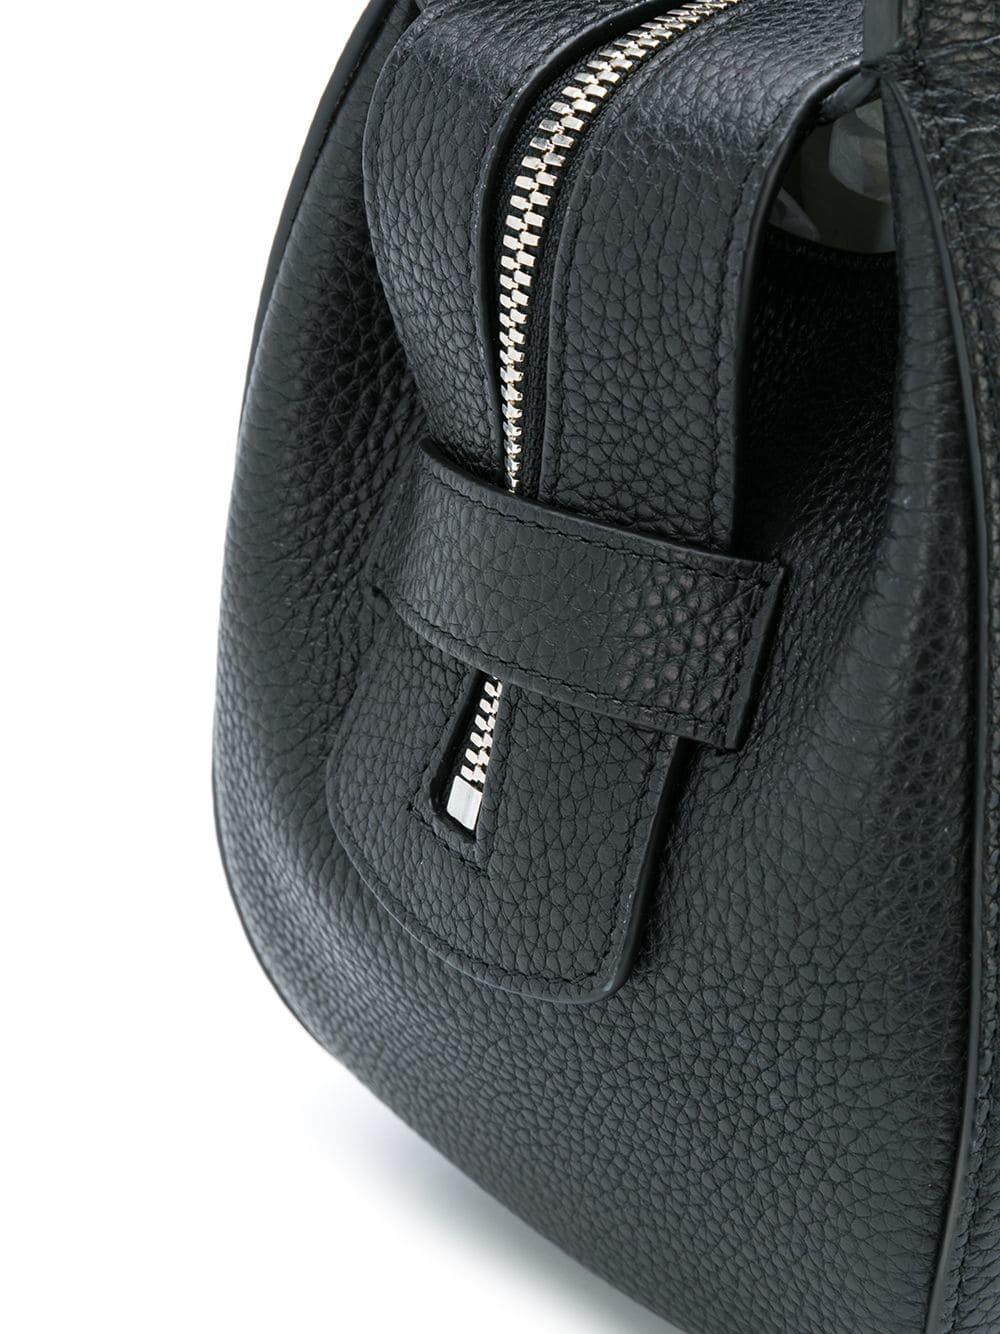 Giorgio Armani - Black Small Tote - Lyst. View fullscreen 3494bb65a9